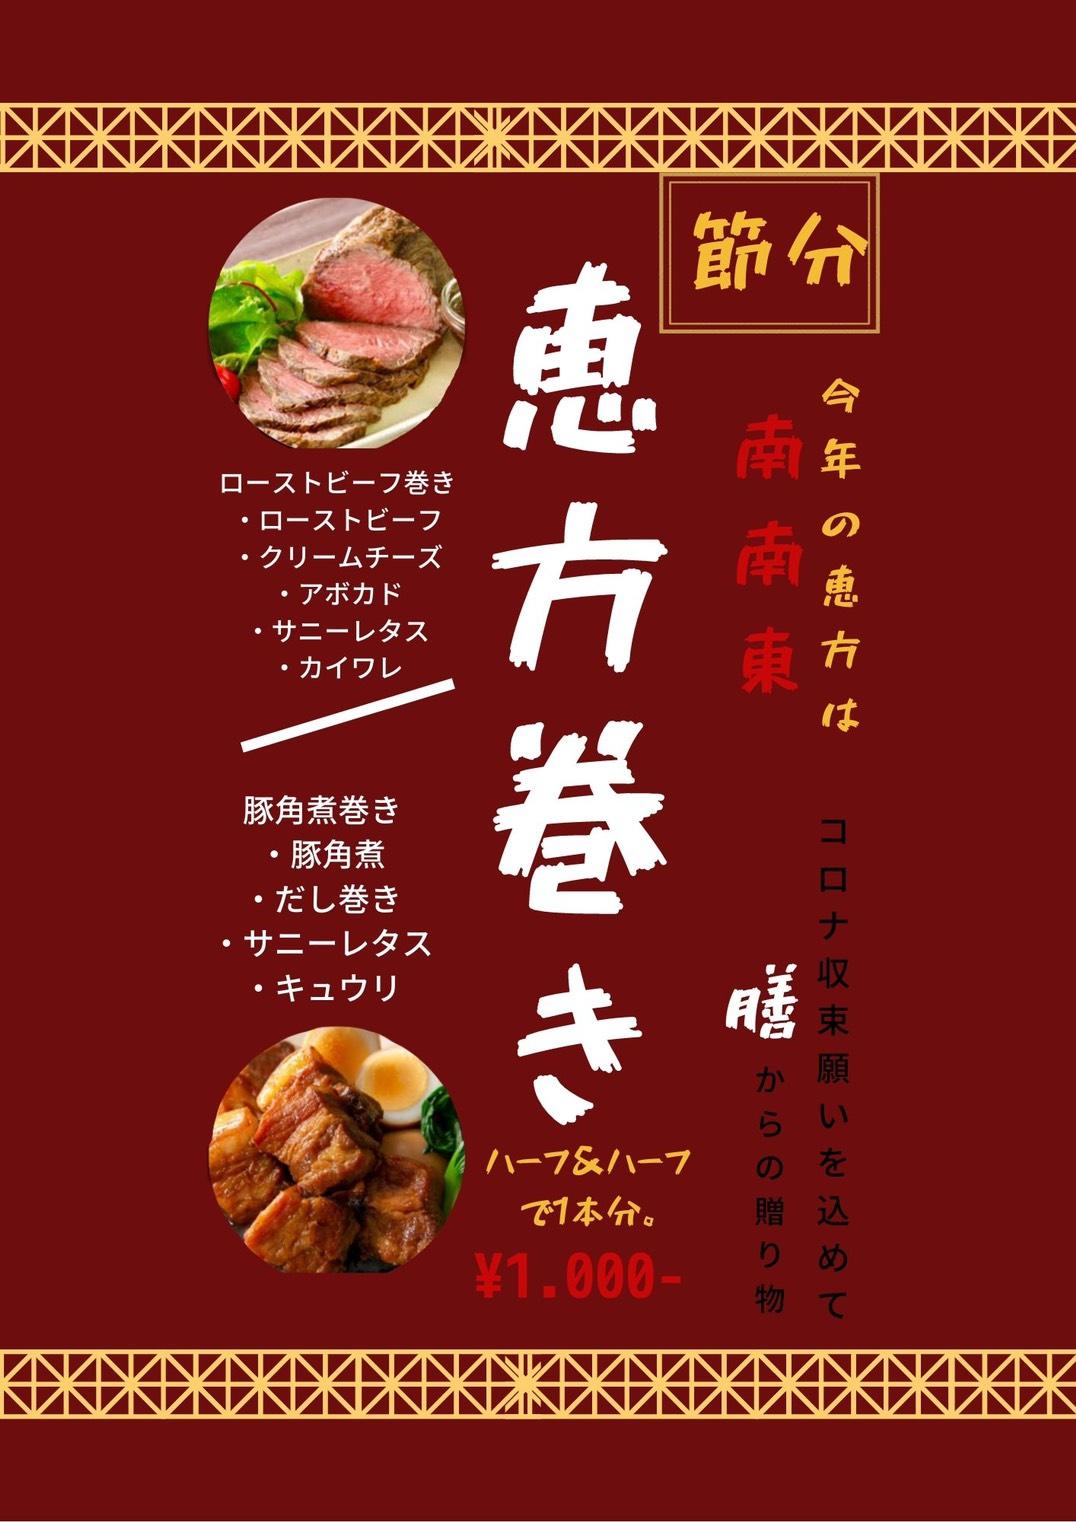 【ご予約】寿司職人がつくる膳の恵方巻